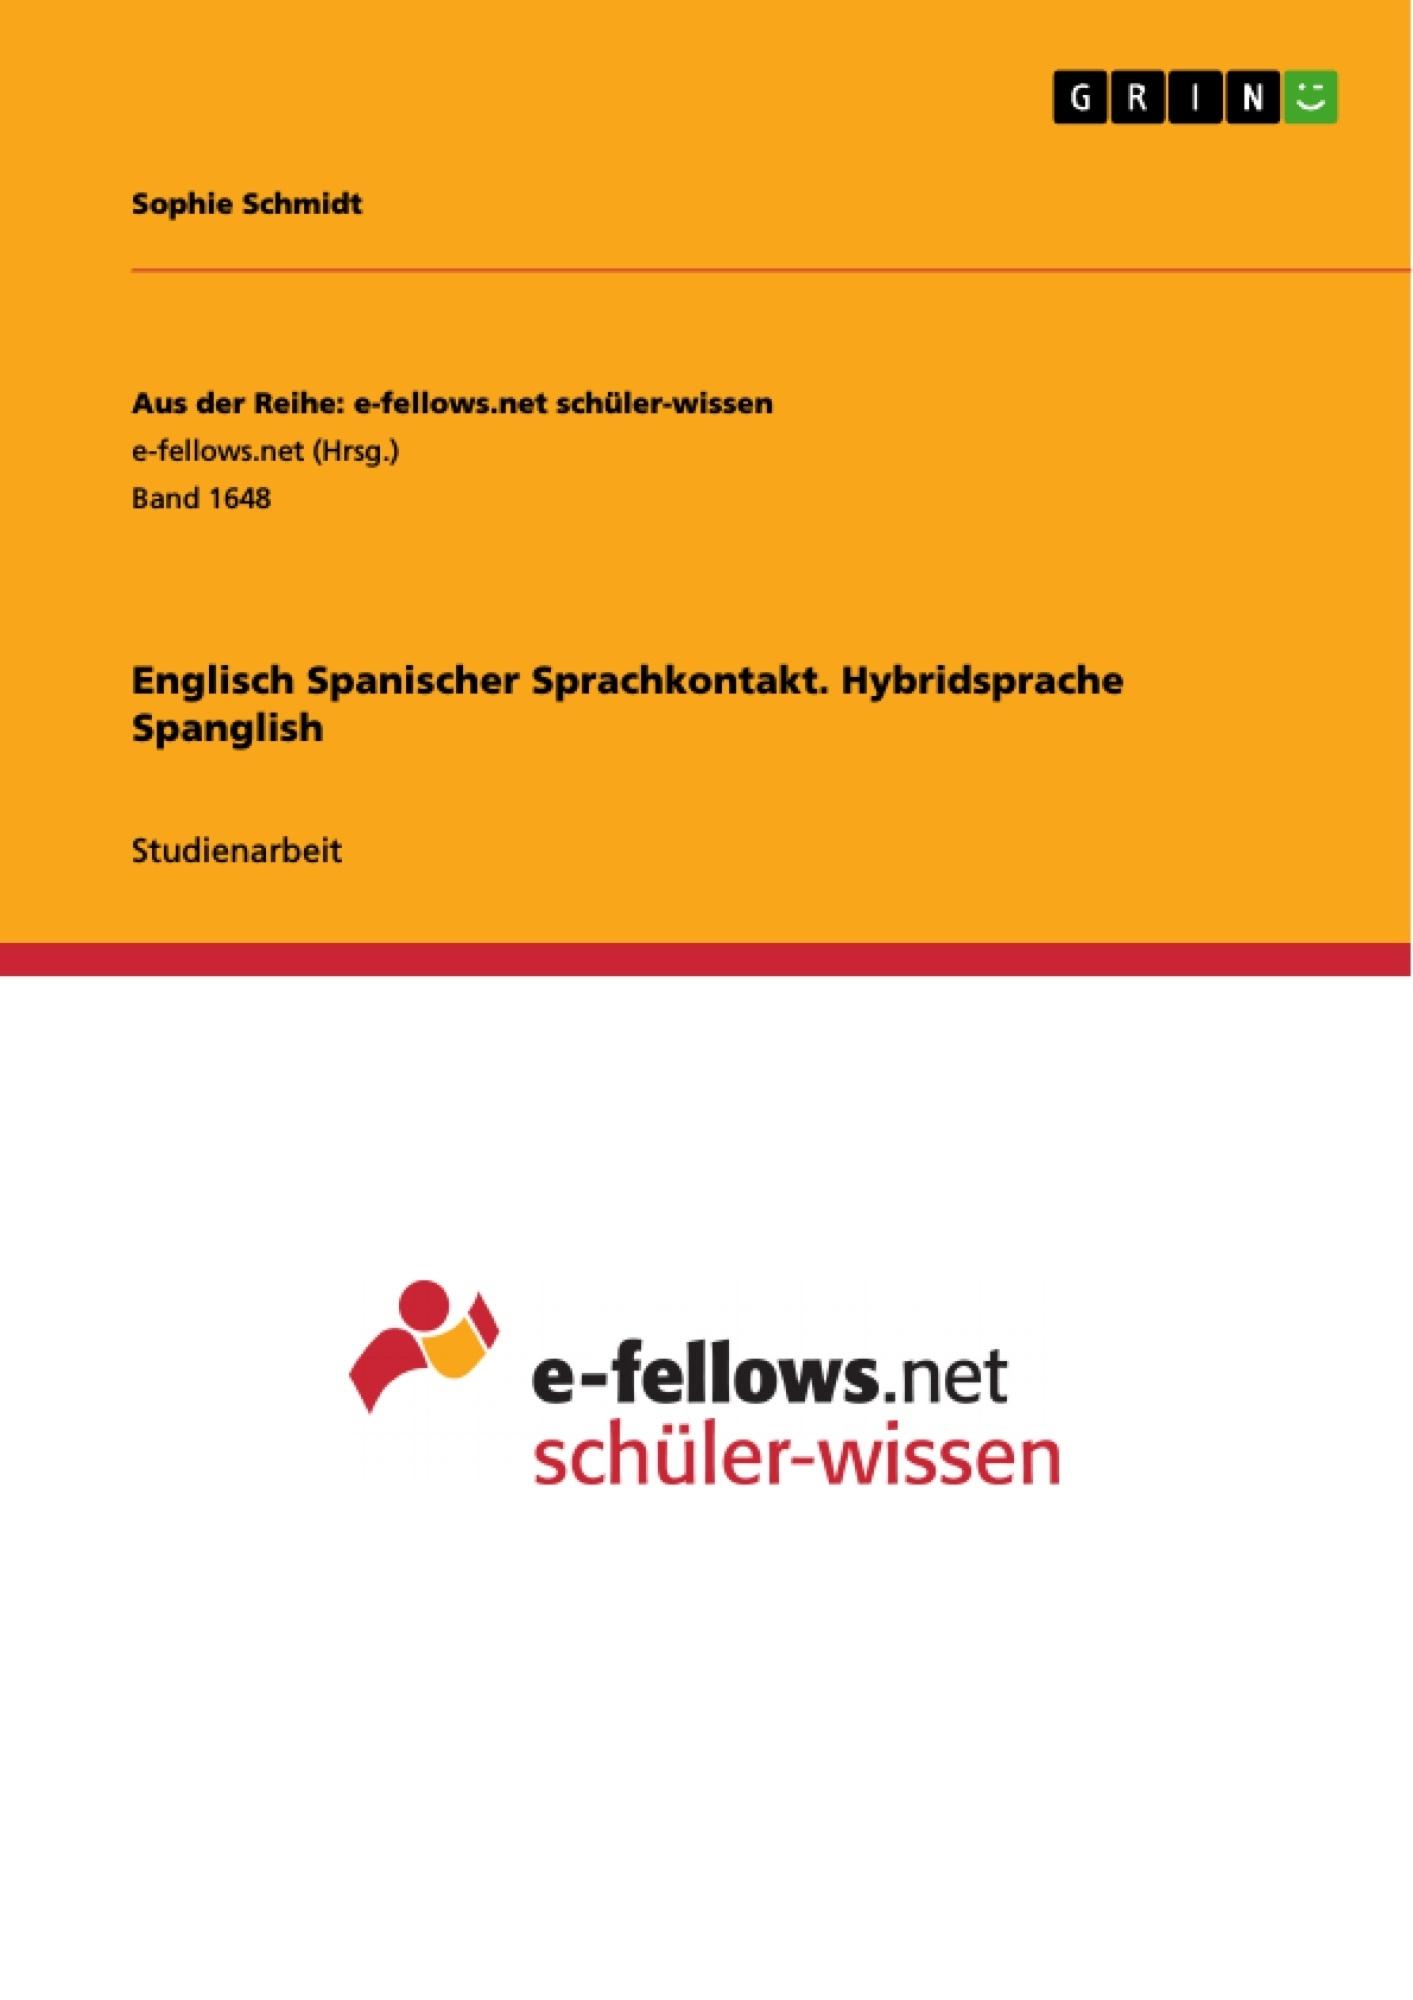 Titel: Englisch Spanischer Sprachkontakt. Hybridsprache Spanglish